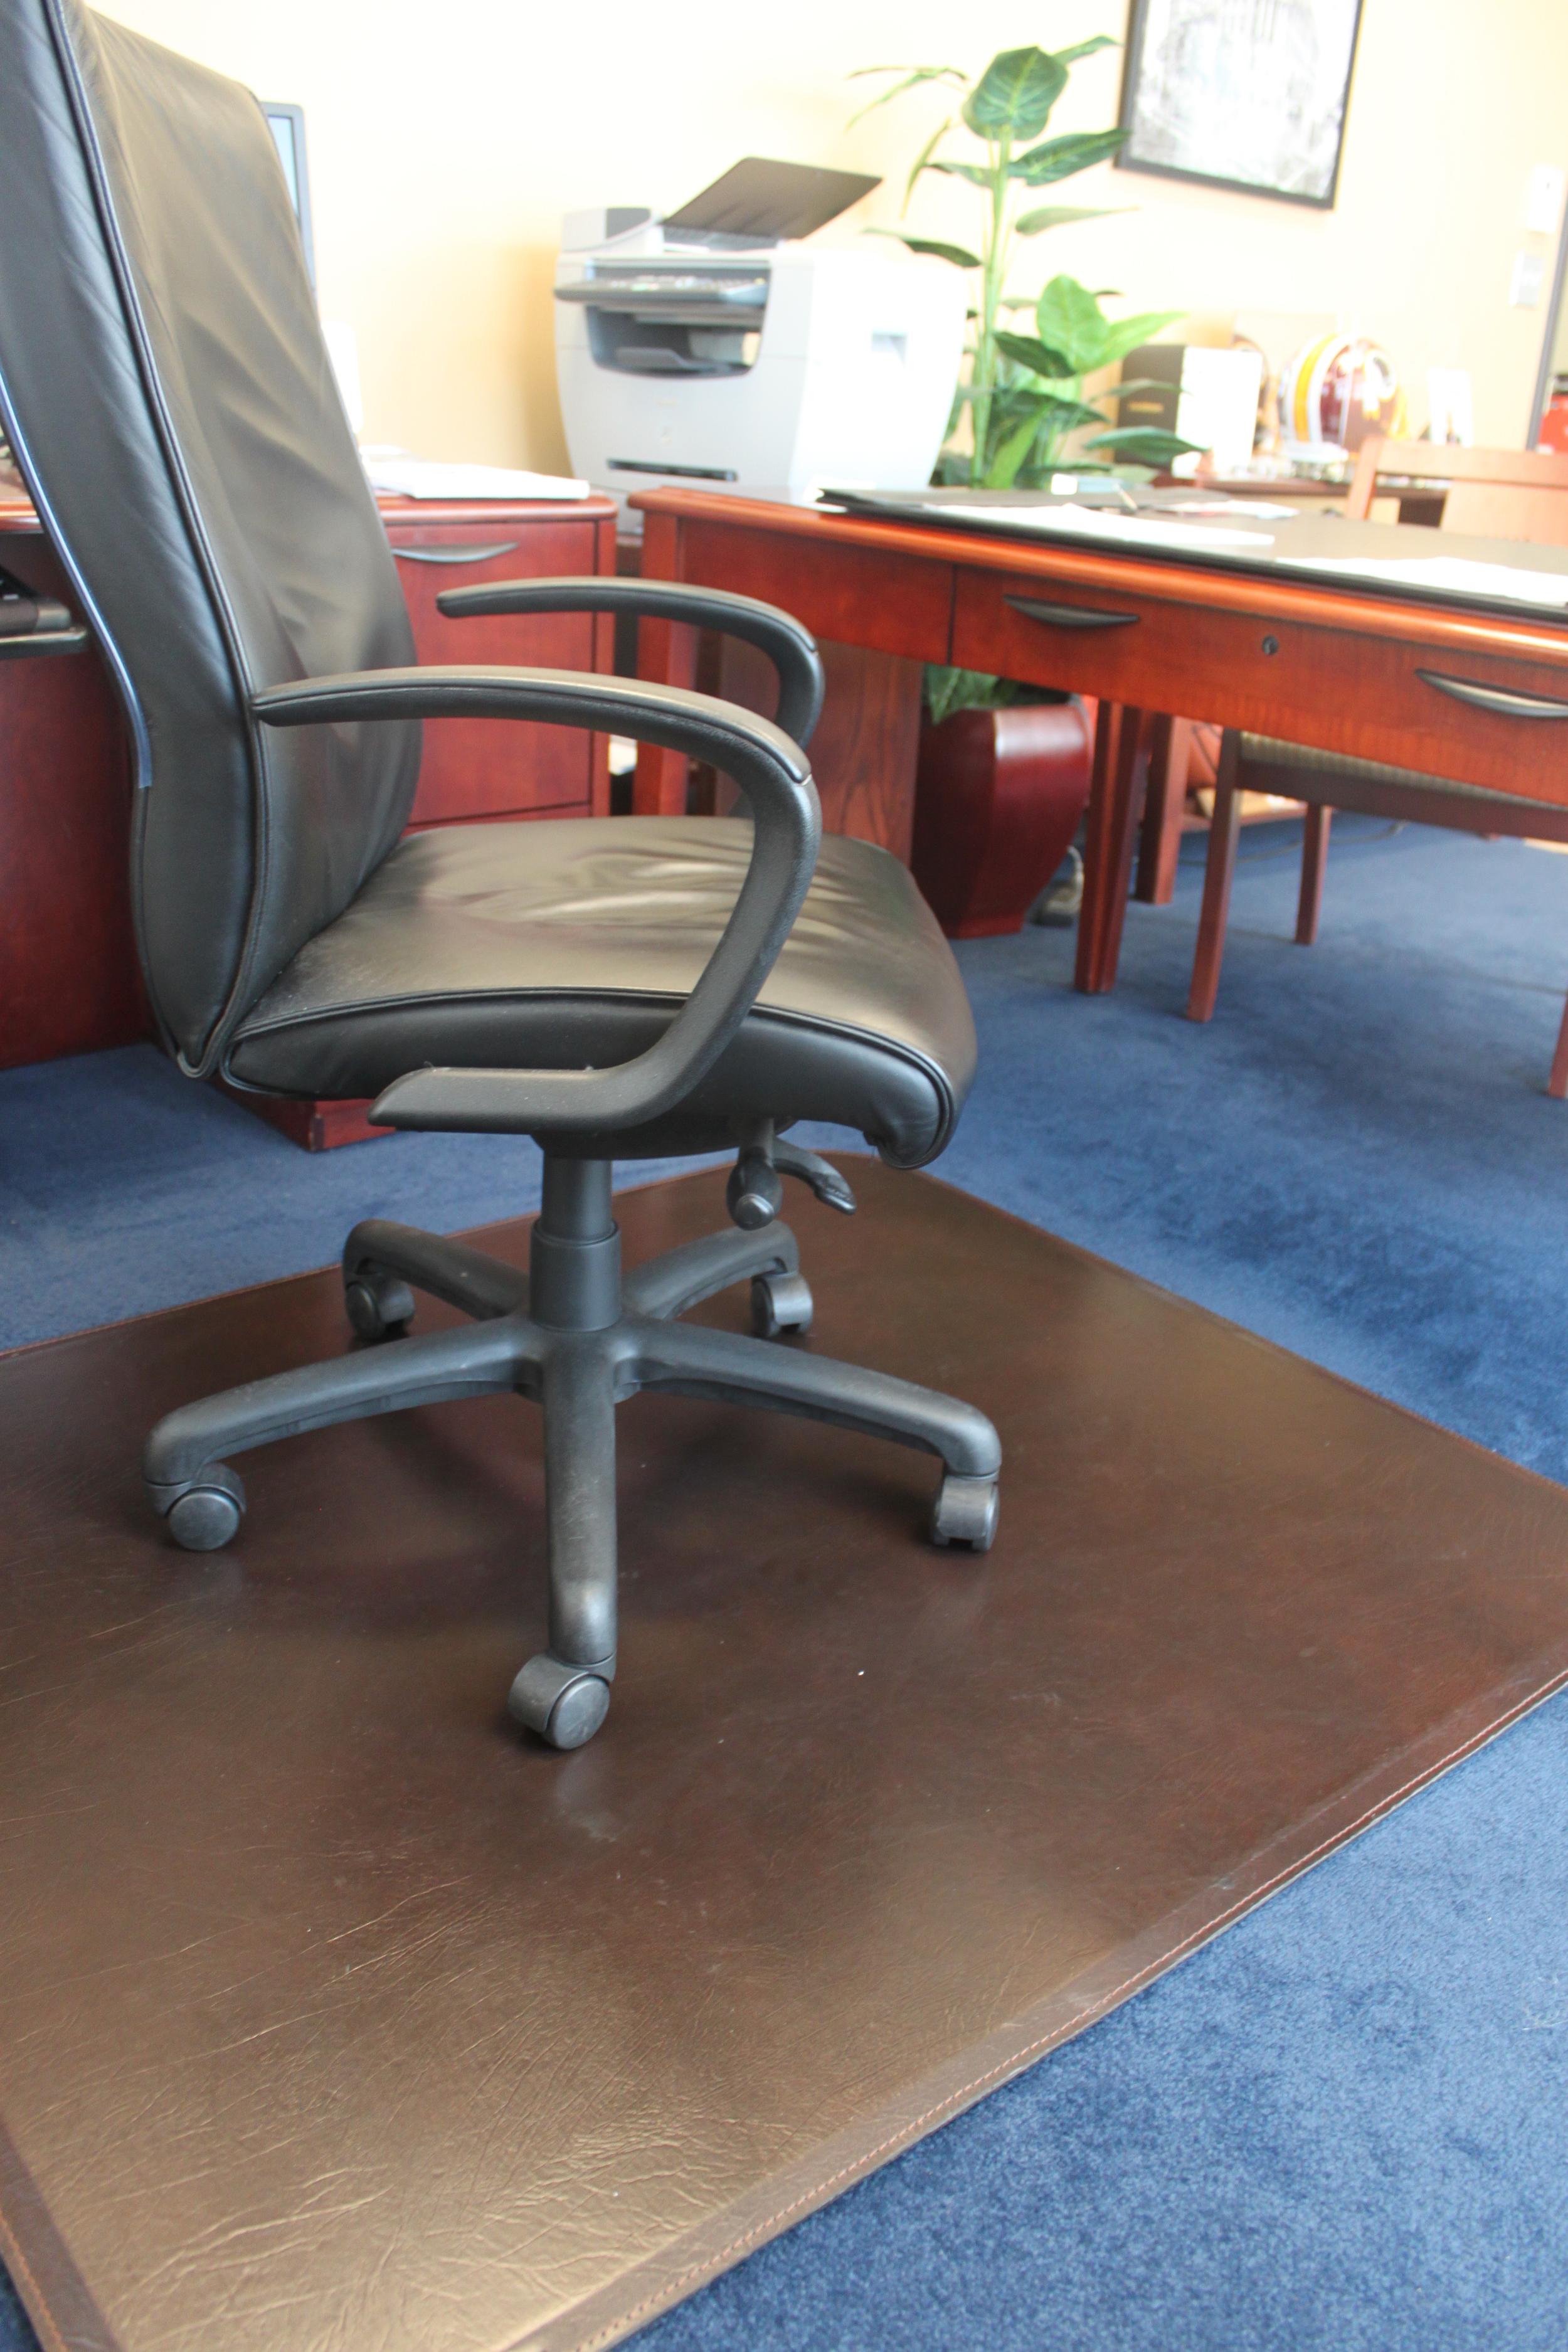 Creative Product - Chair Mat.JPG